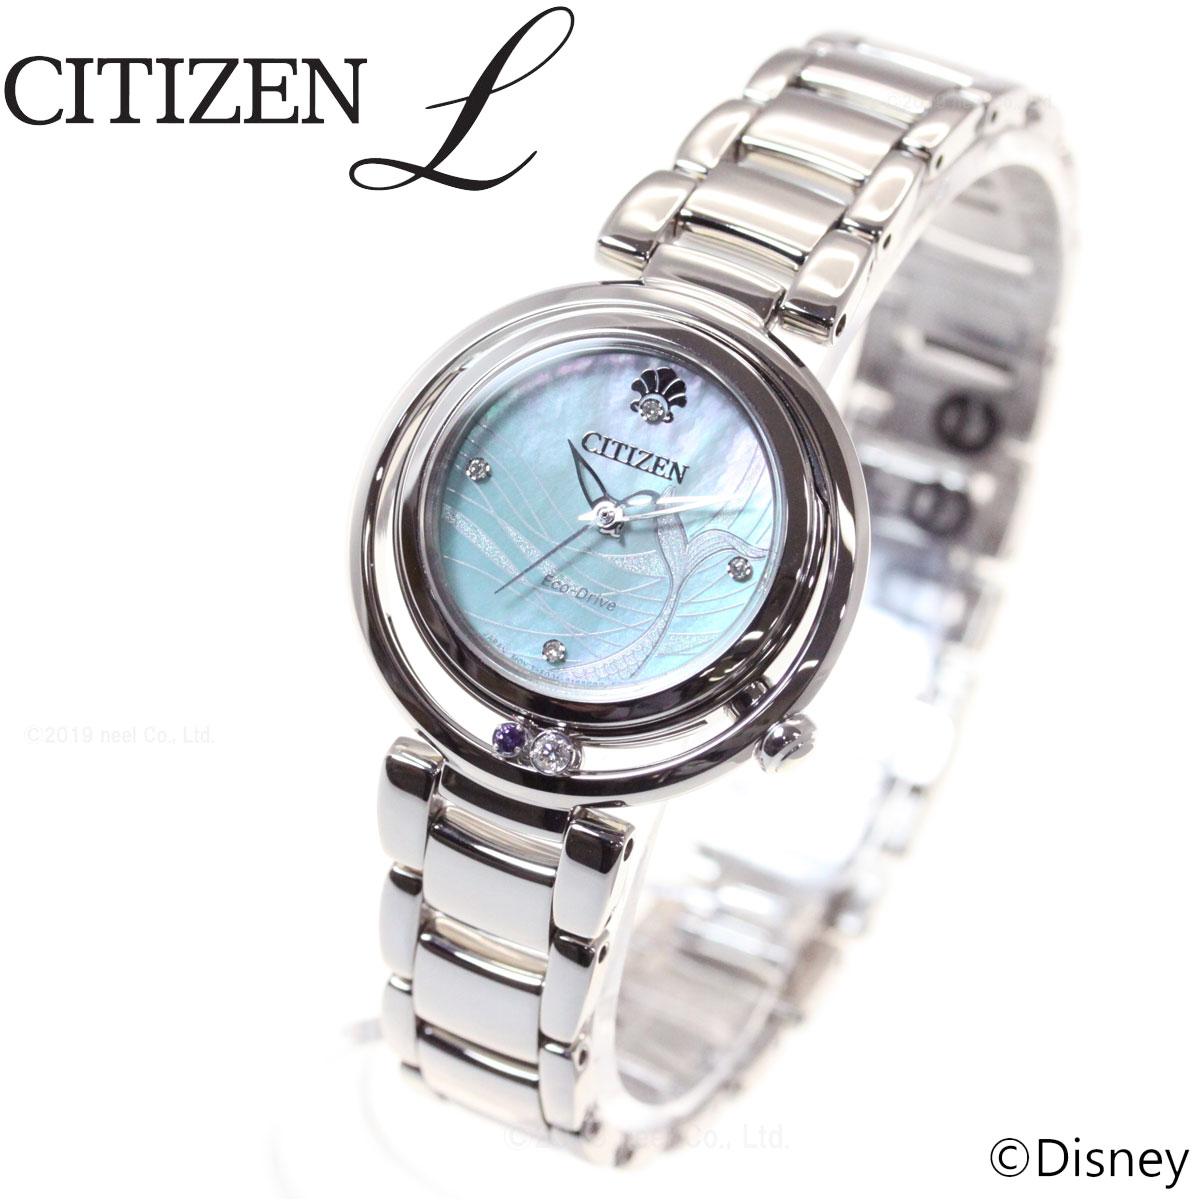 シチズン エル レディース エコドライブ PRINCESSシリーズ アリエル 腕時計 The Little MERMAID ARIEL EM0820-56N